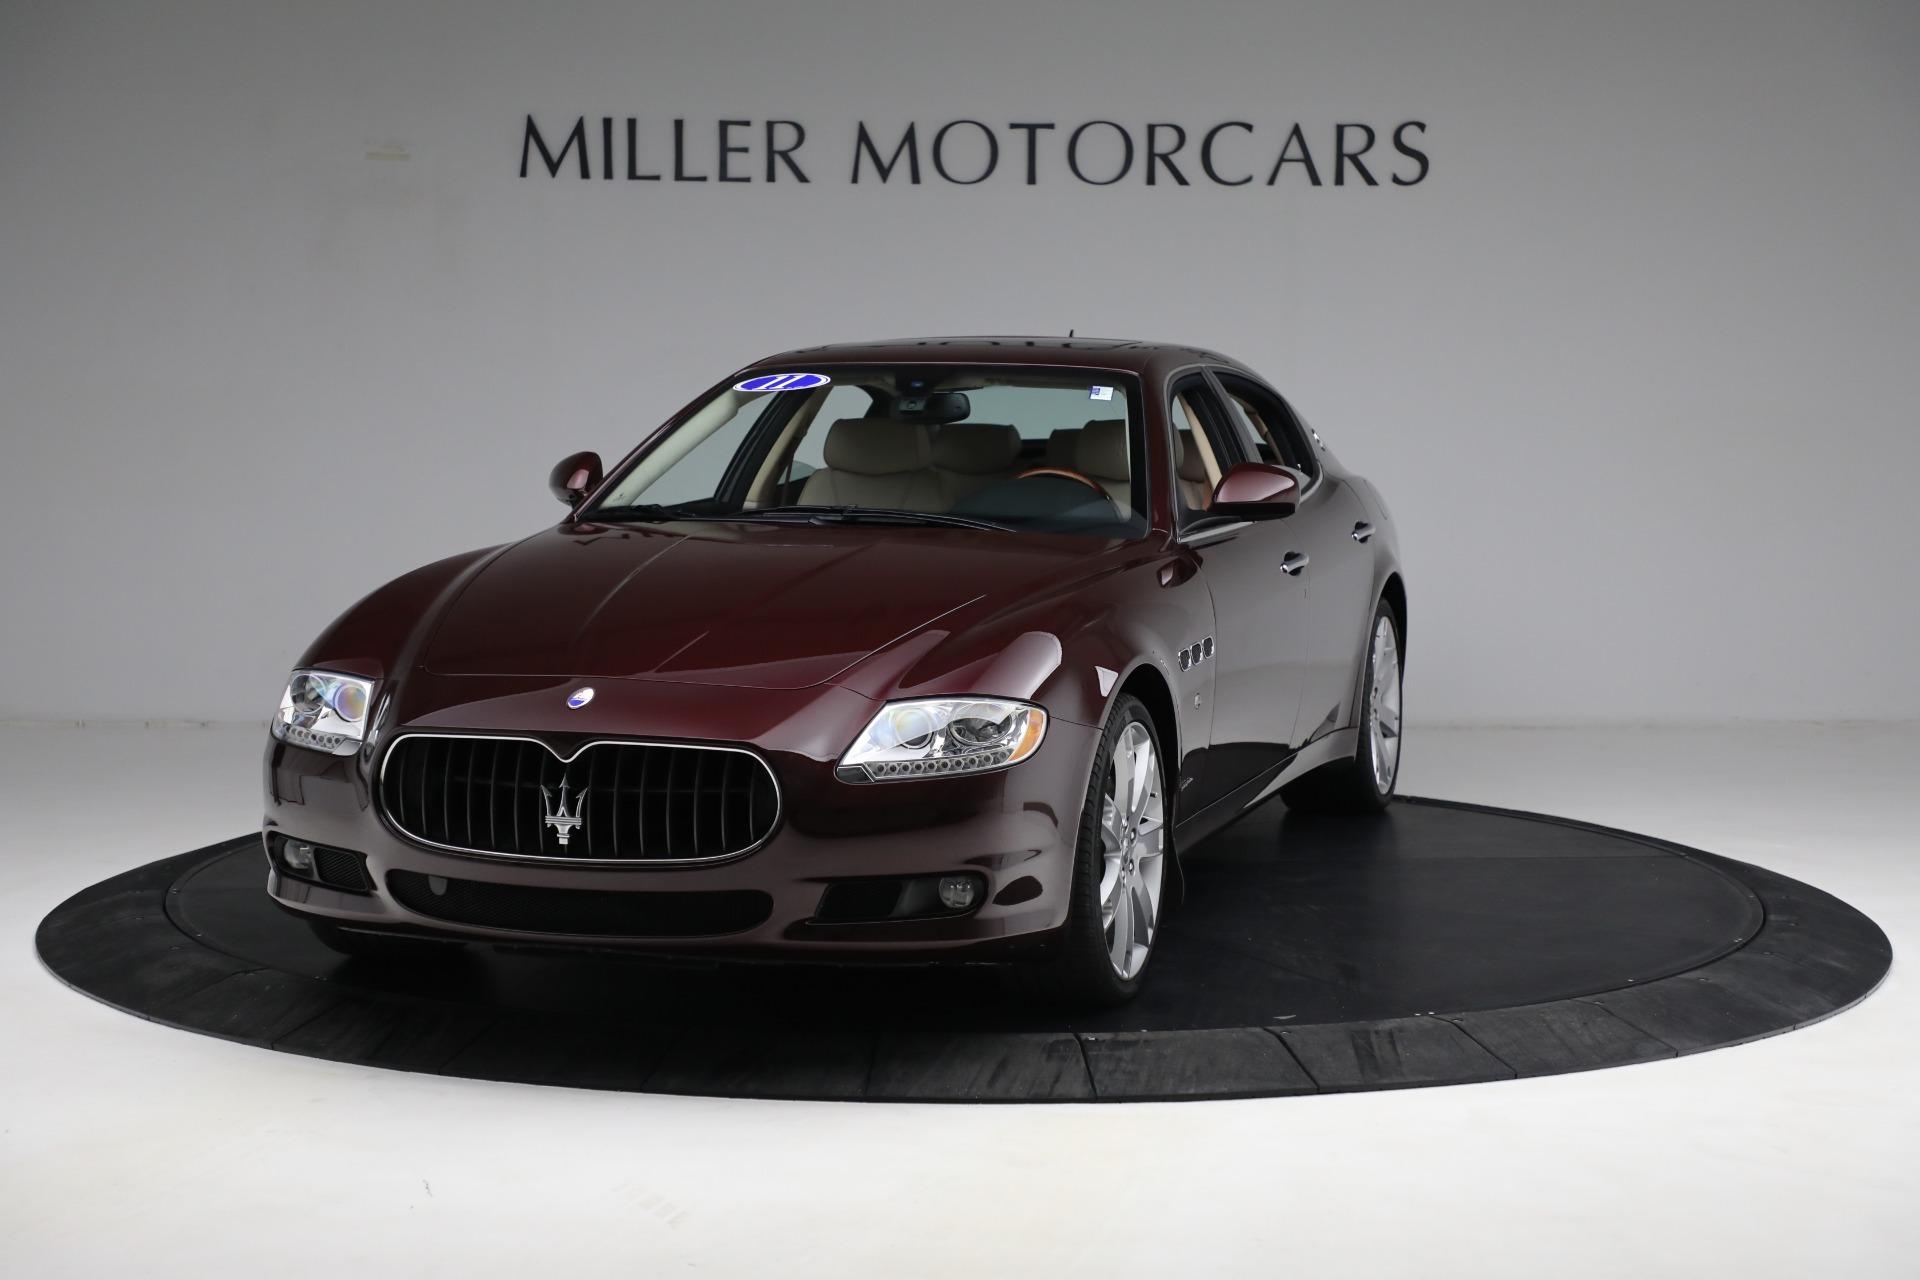 Used 2011 Maserati Quattroporte for sale $37,900 at Maserati of Greenwich in Greenwich CT 06830 1